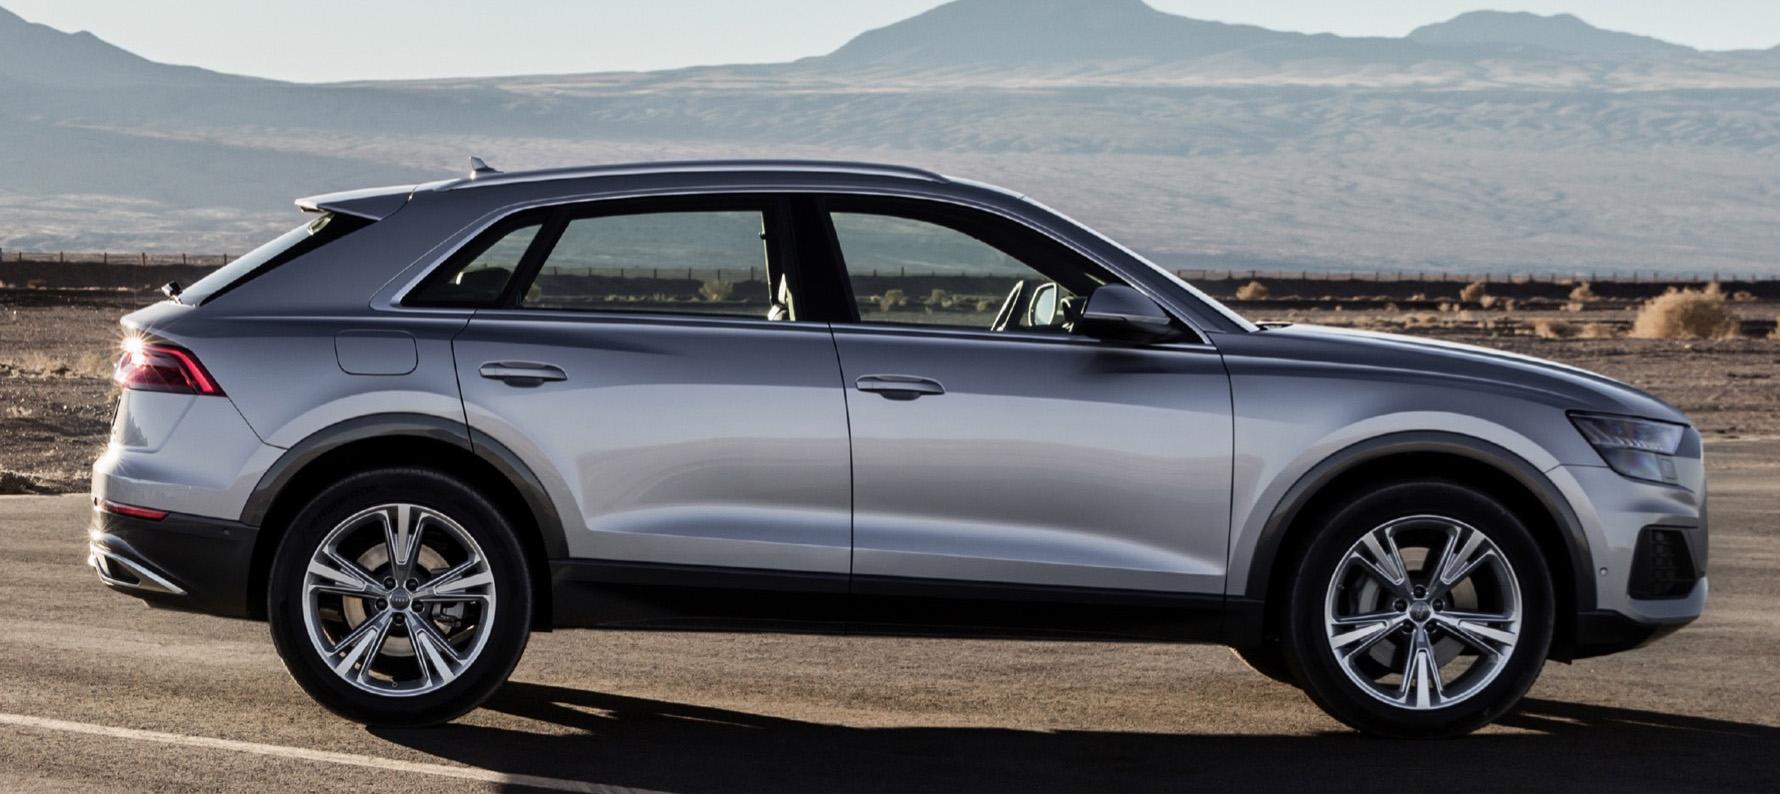 2019 Audi Q8 profile